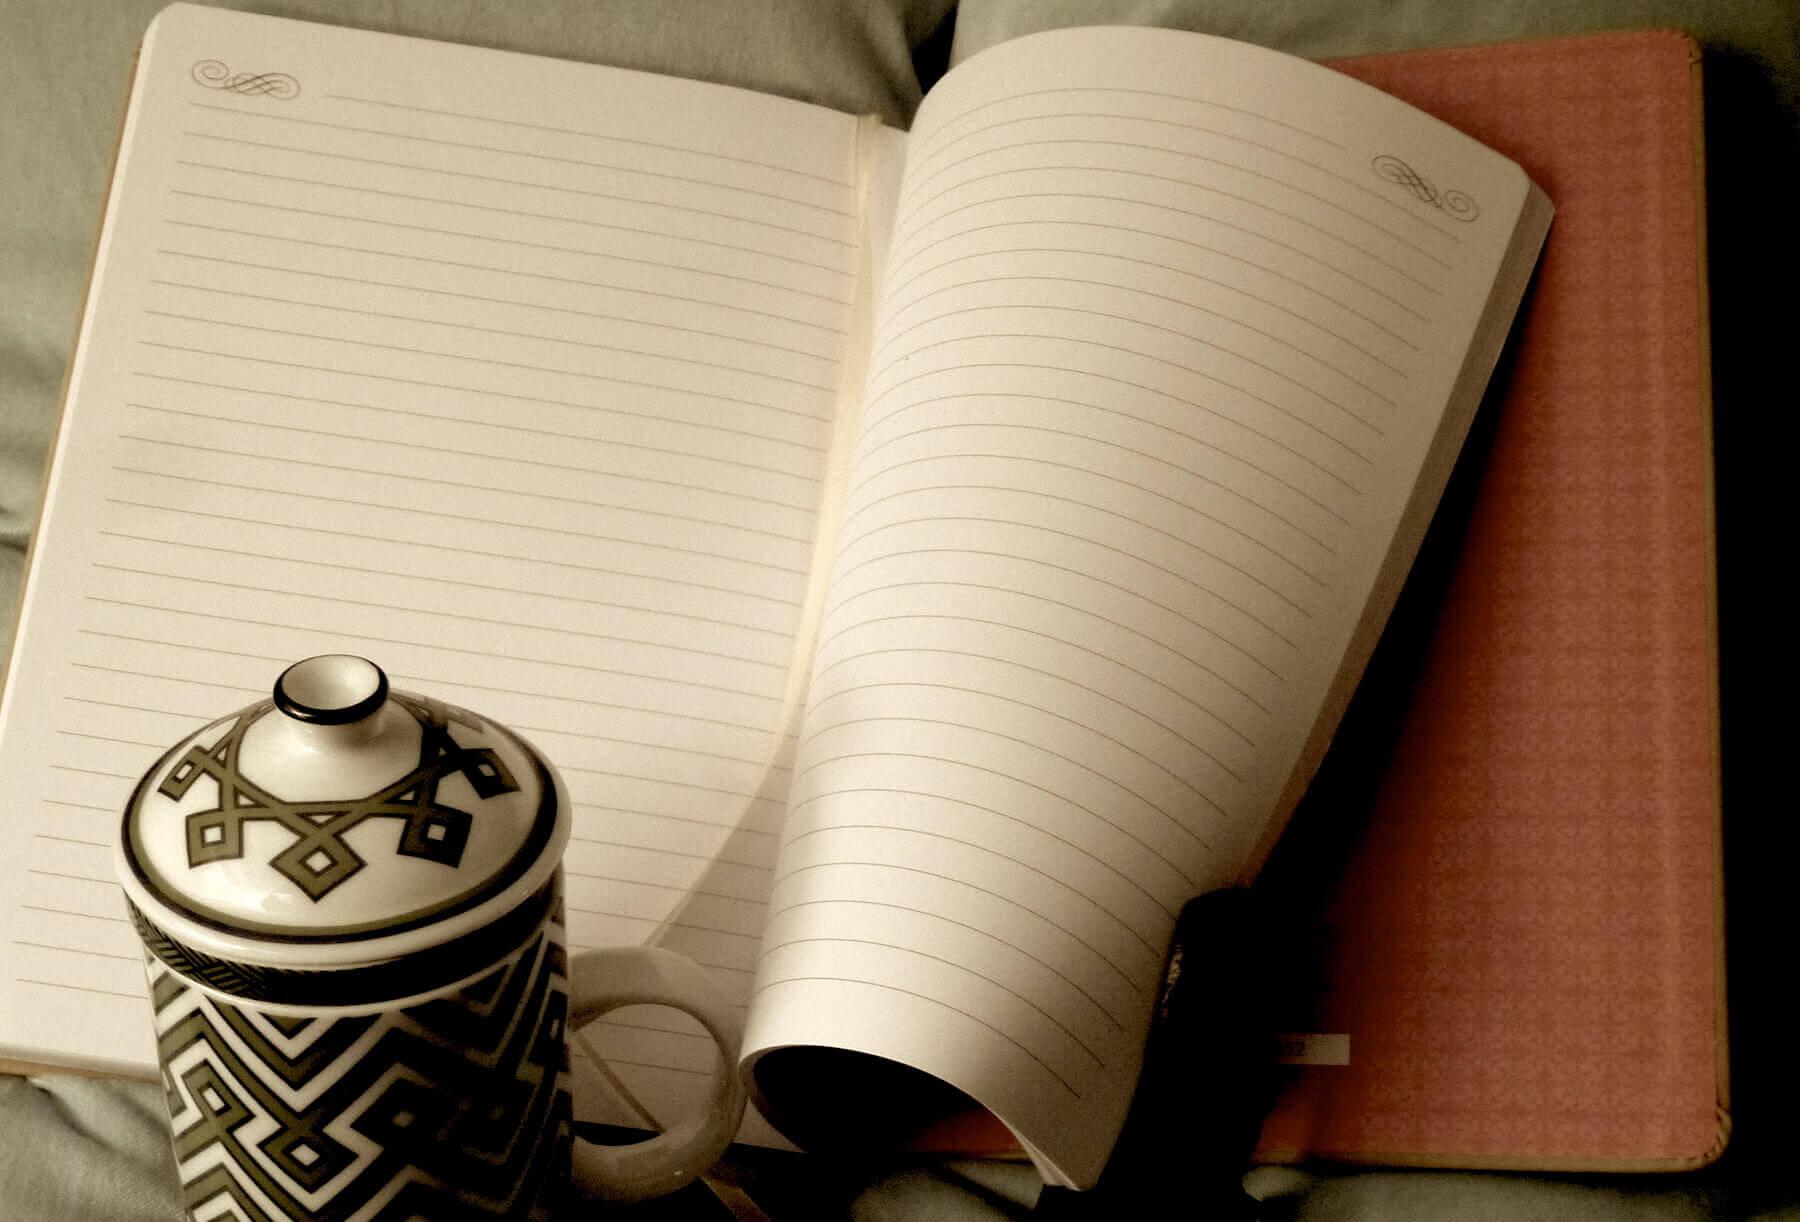 Italian leatherette journal by Markings